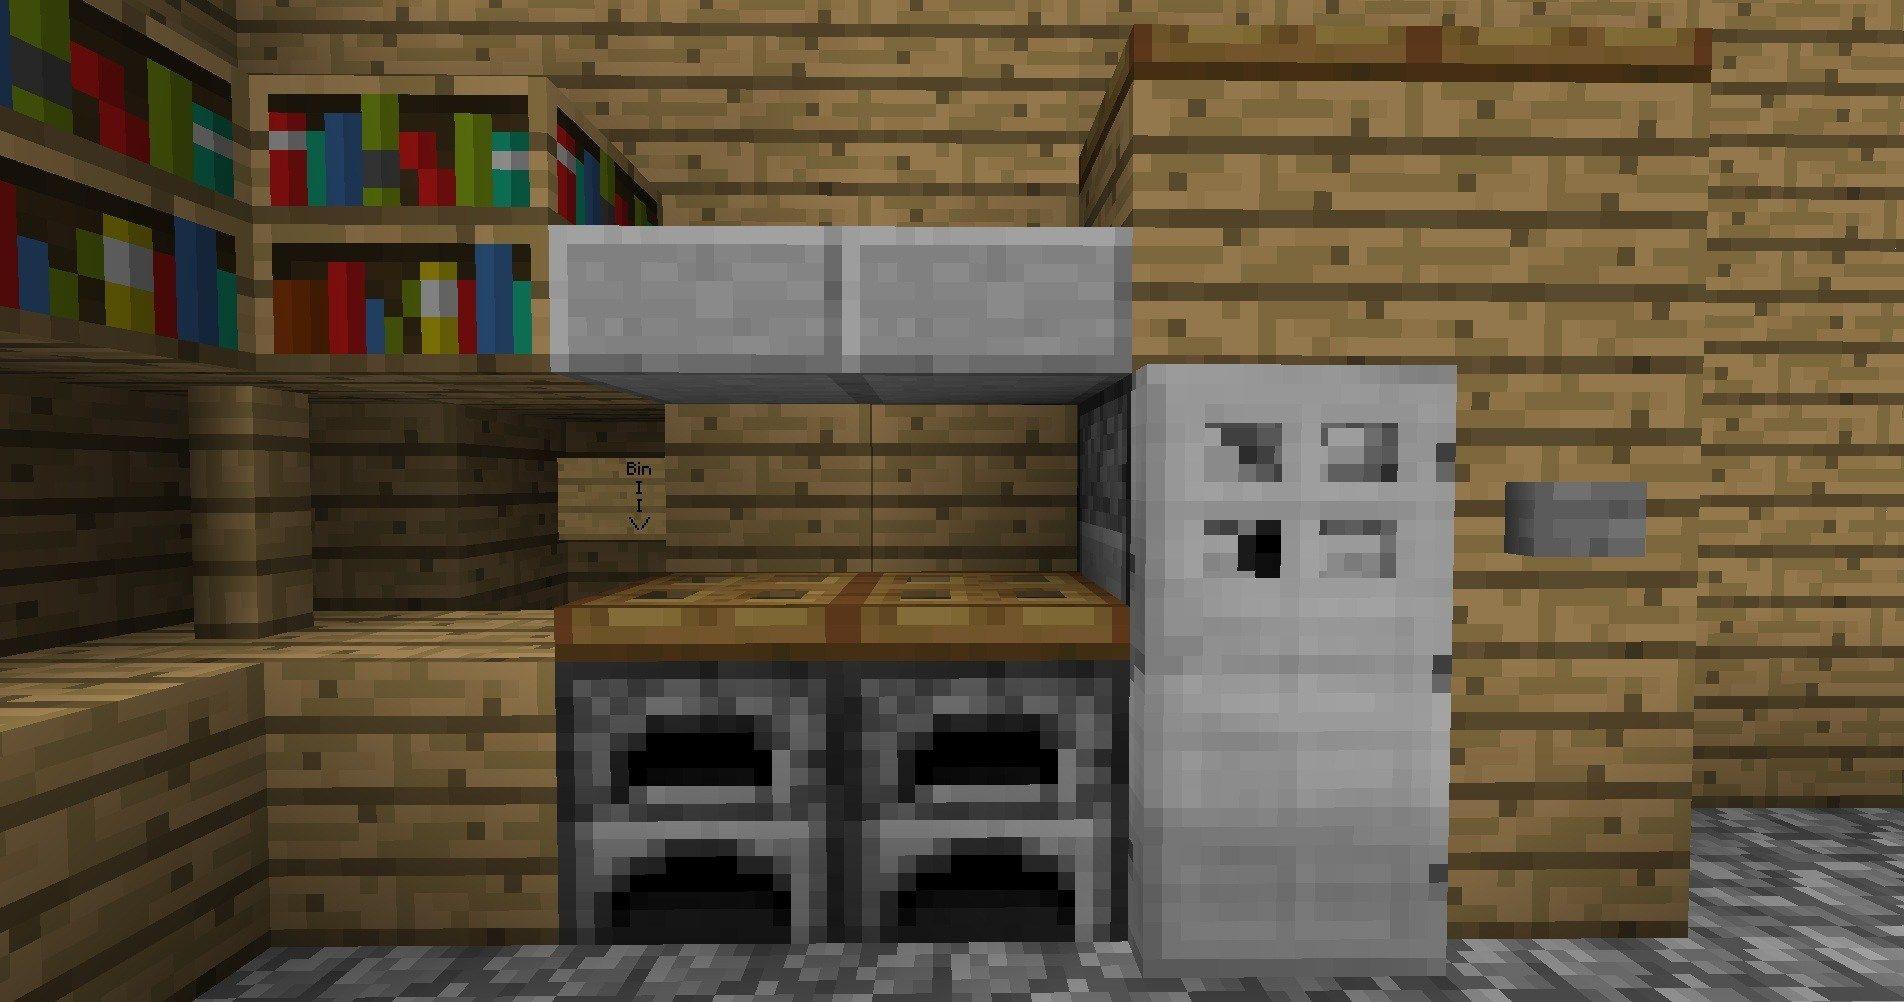 Minecraft Kitchen Minecraft Furniture Kitchen Modern Style Wooden Minecraft Minecraft Kitchen Min Minecraft Kitchen Ideas Minecraft Furniture Minecraft Crafts